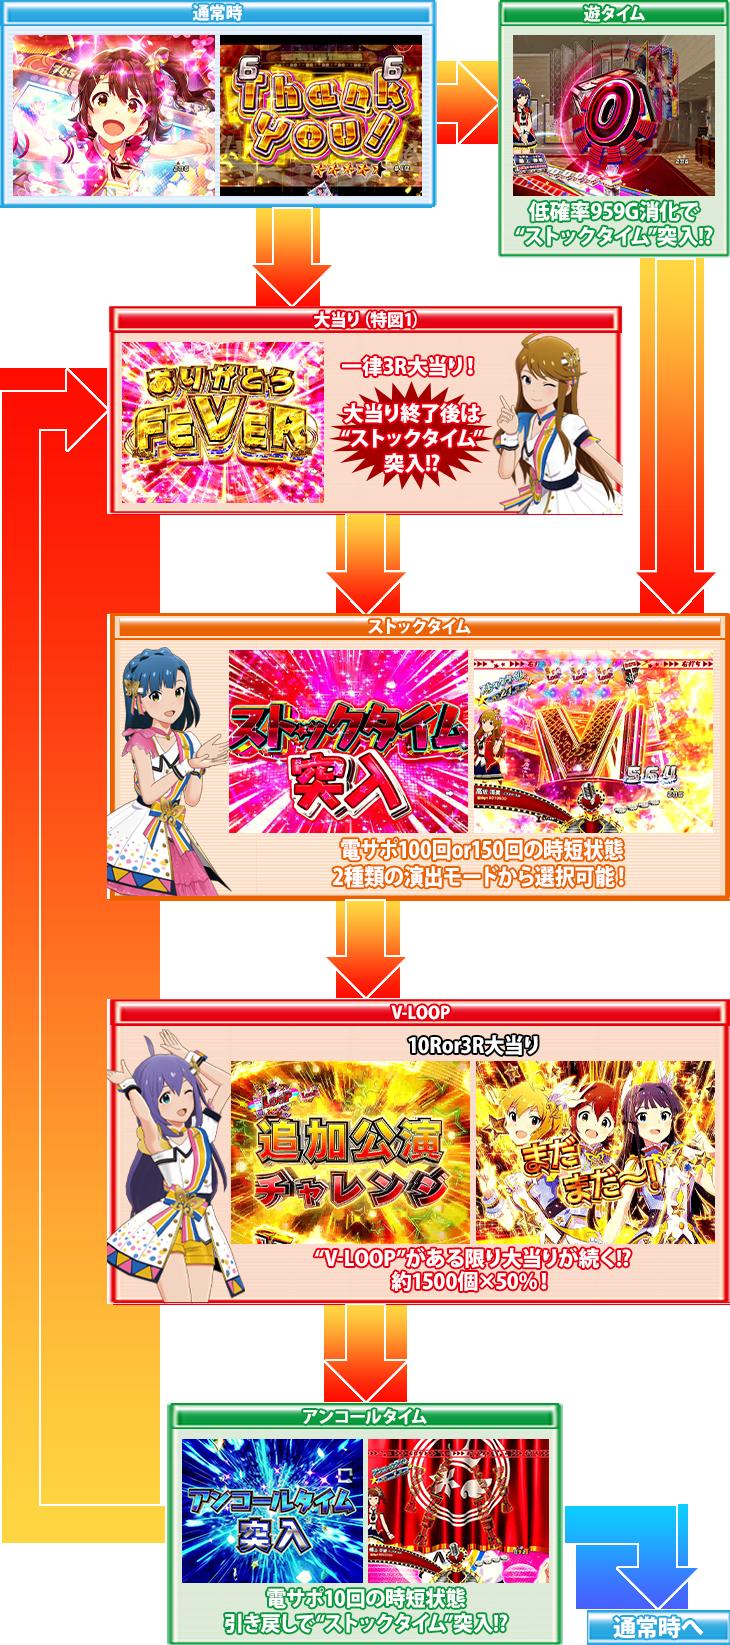 パチンコPフィーバー アイドルマスター ミリオンライブ!のゲームフロー